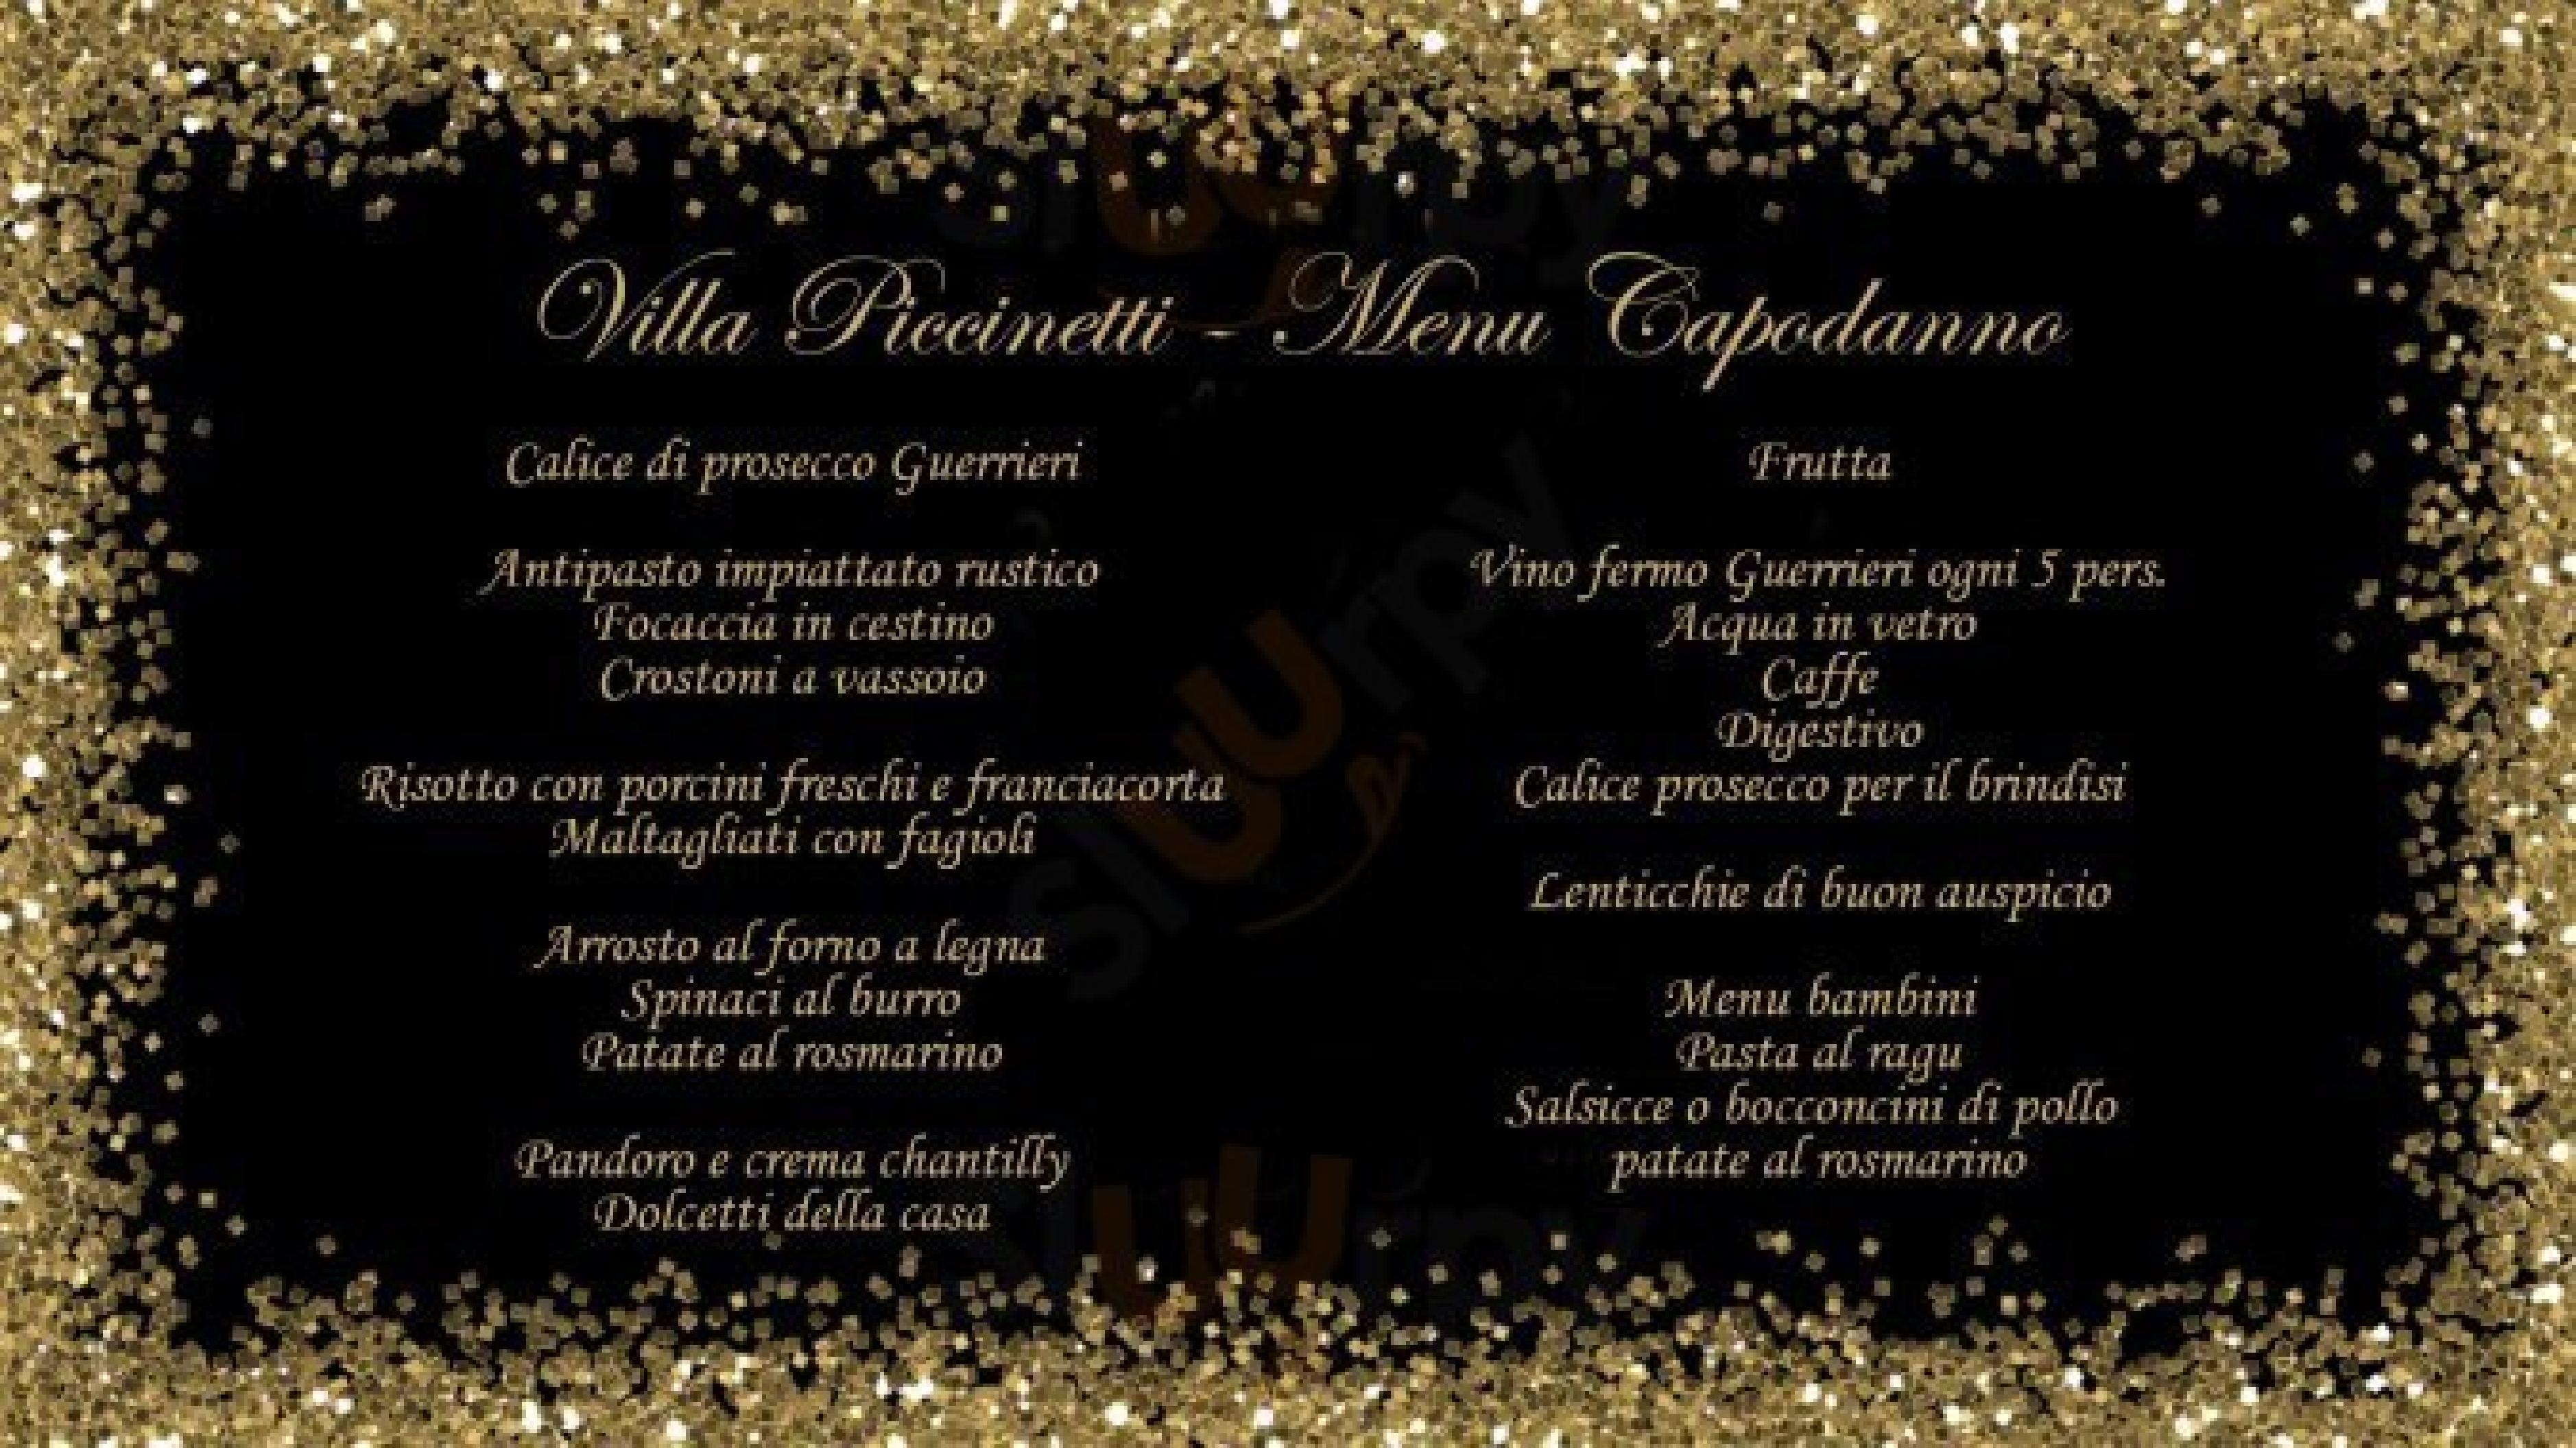 Villa Piccinetti Fano menù 1 pagina